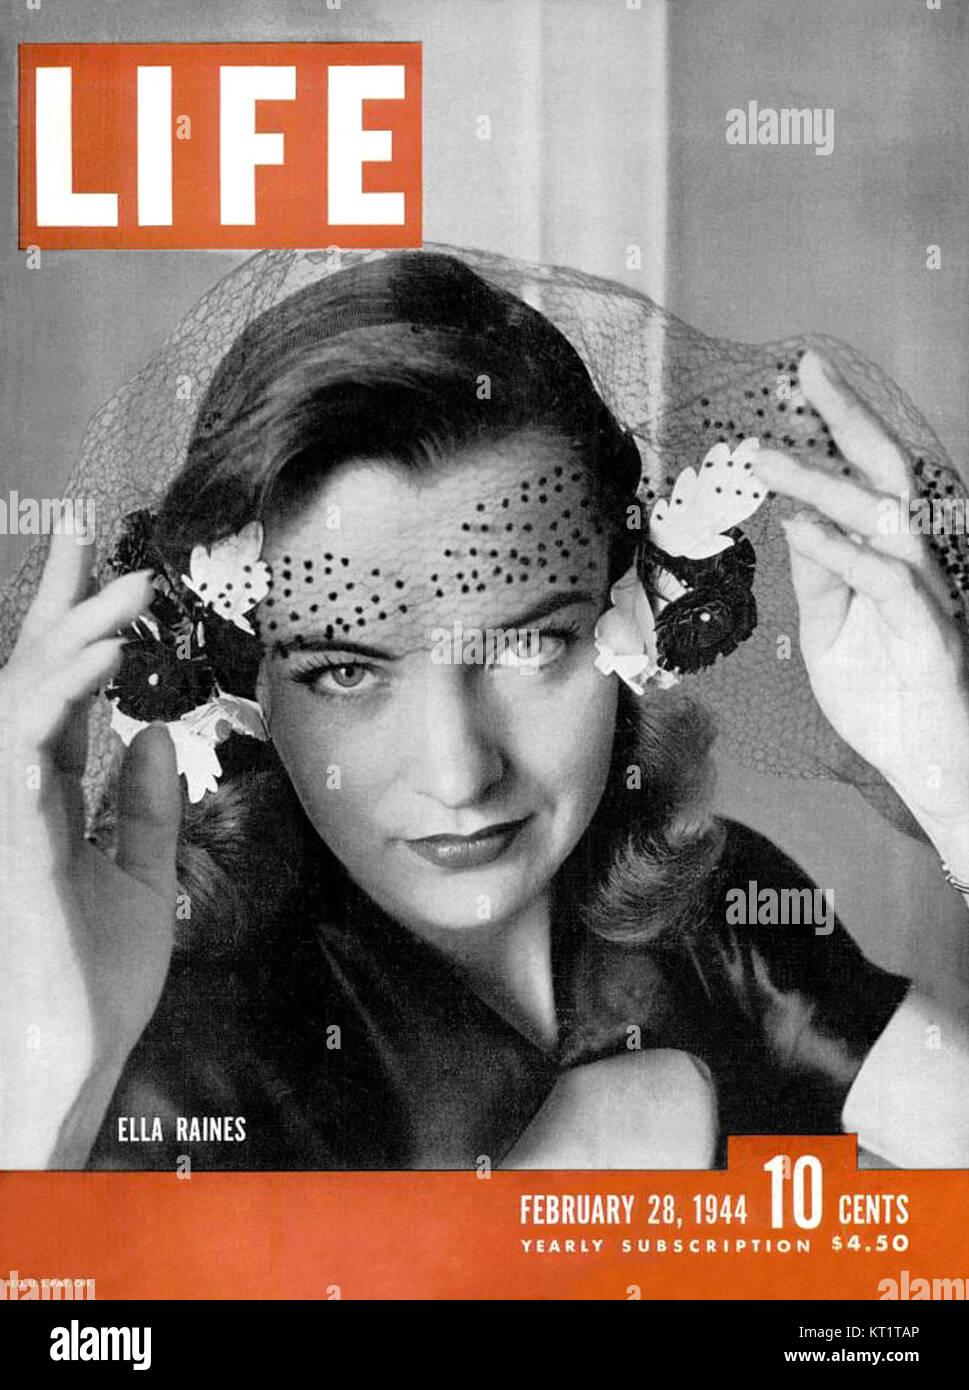 Irdens Exantus,Juliet Mills (born 1941) XXX image Judi Meredith,Helen Lederer (born 1954)